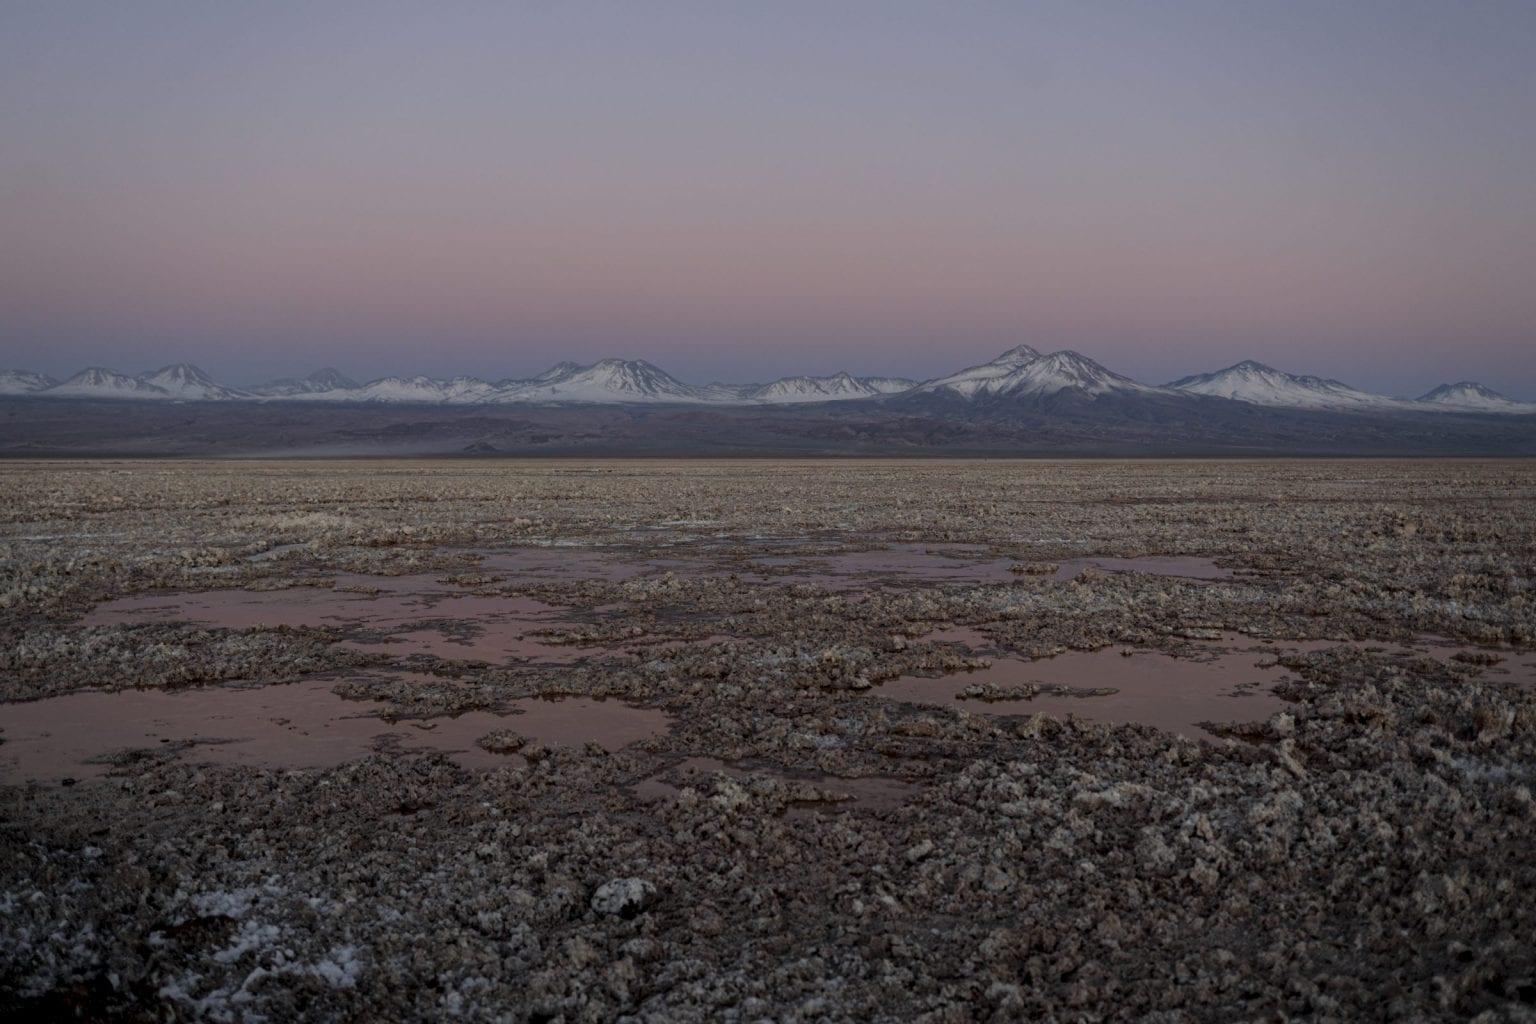 Det meste af Atacama-ørkenen er dækket af grus, sand, saltskorpe og lavasten fra områdets mange vulkaner.